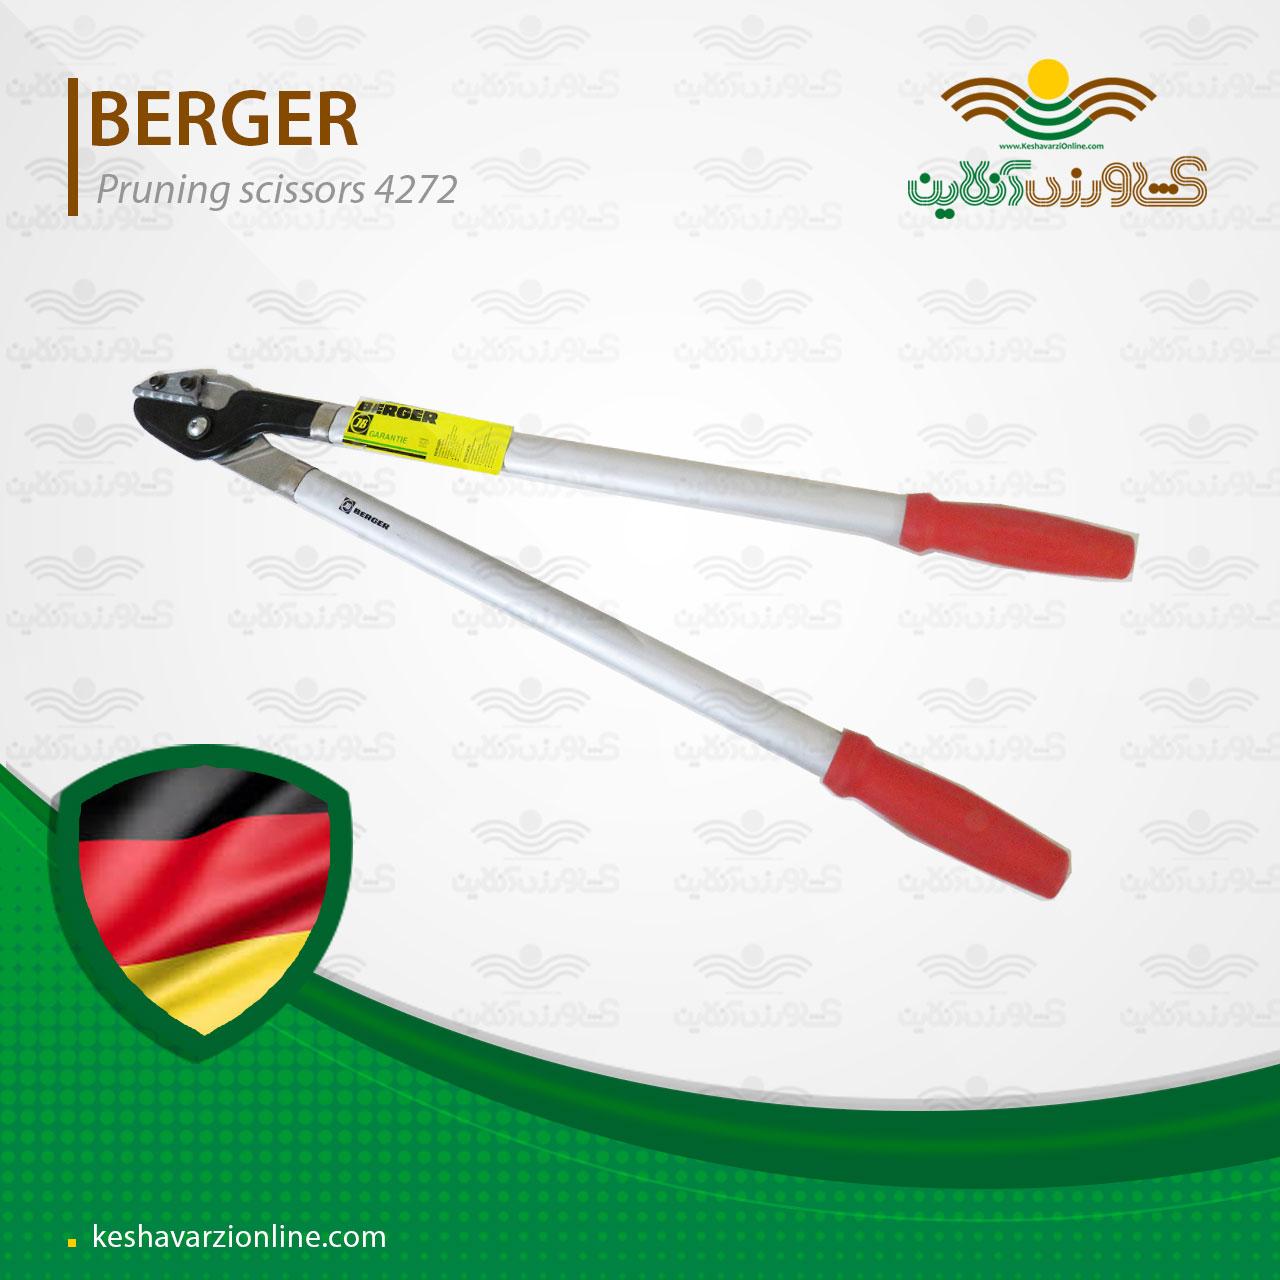 قیچی مخصوص شاخه زنی برگر آلمان 4272